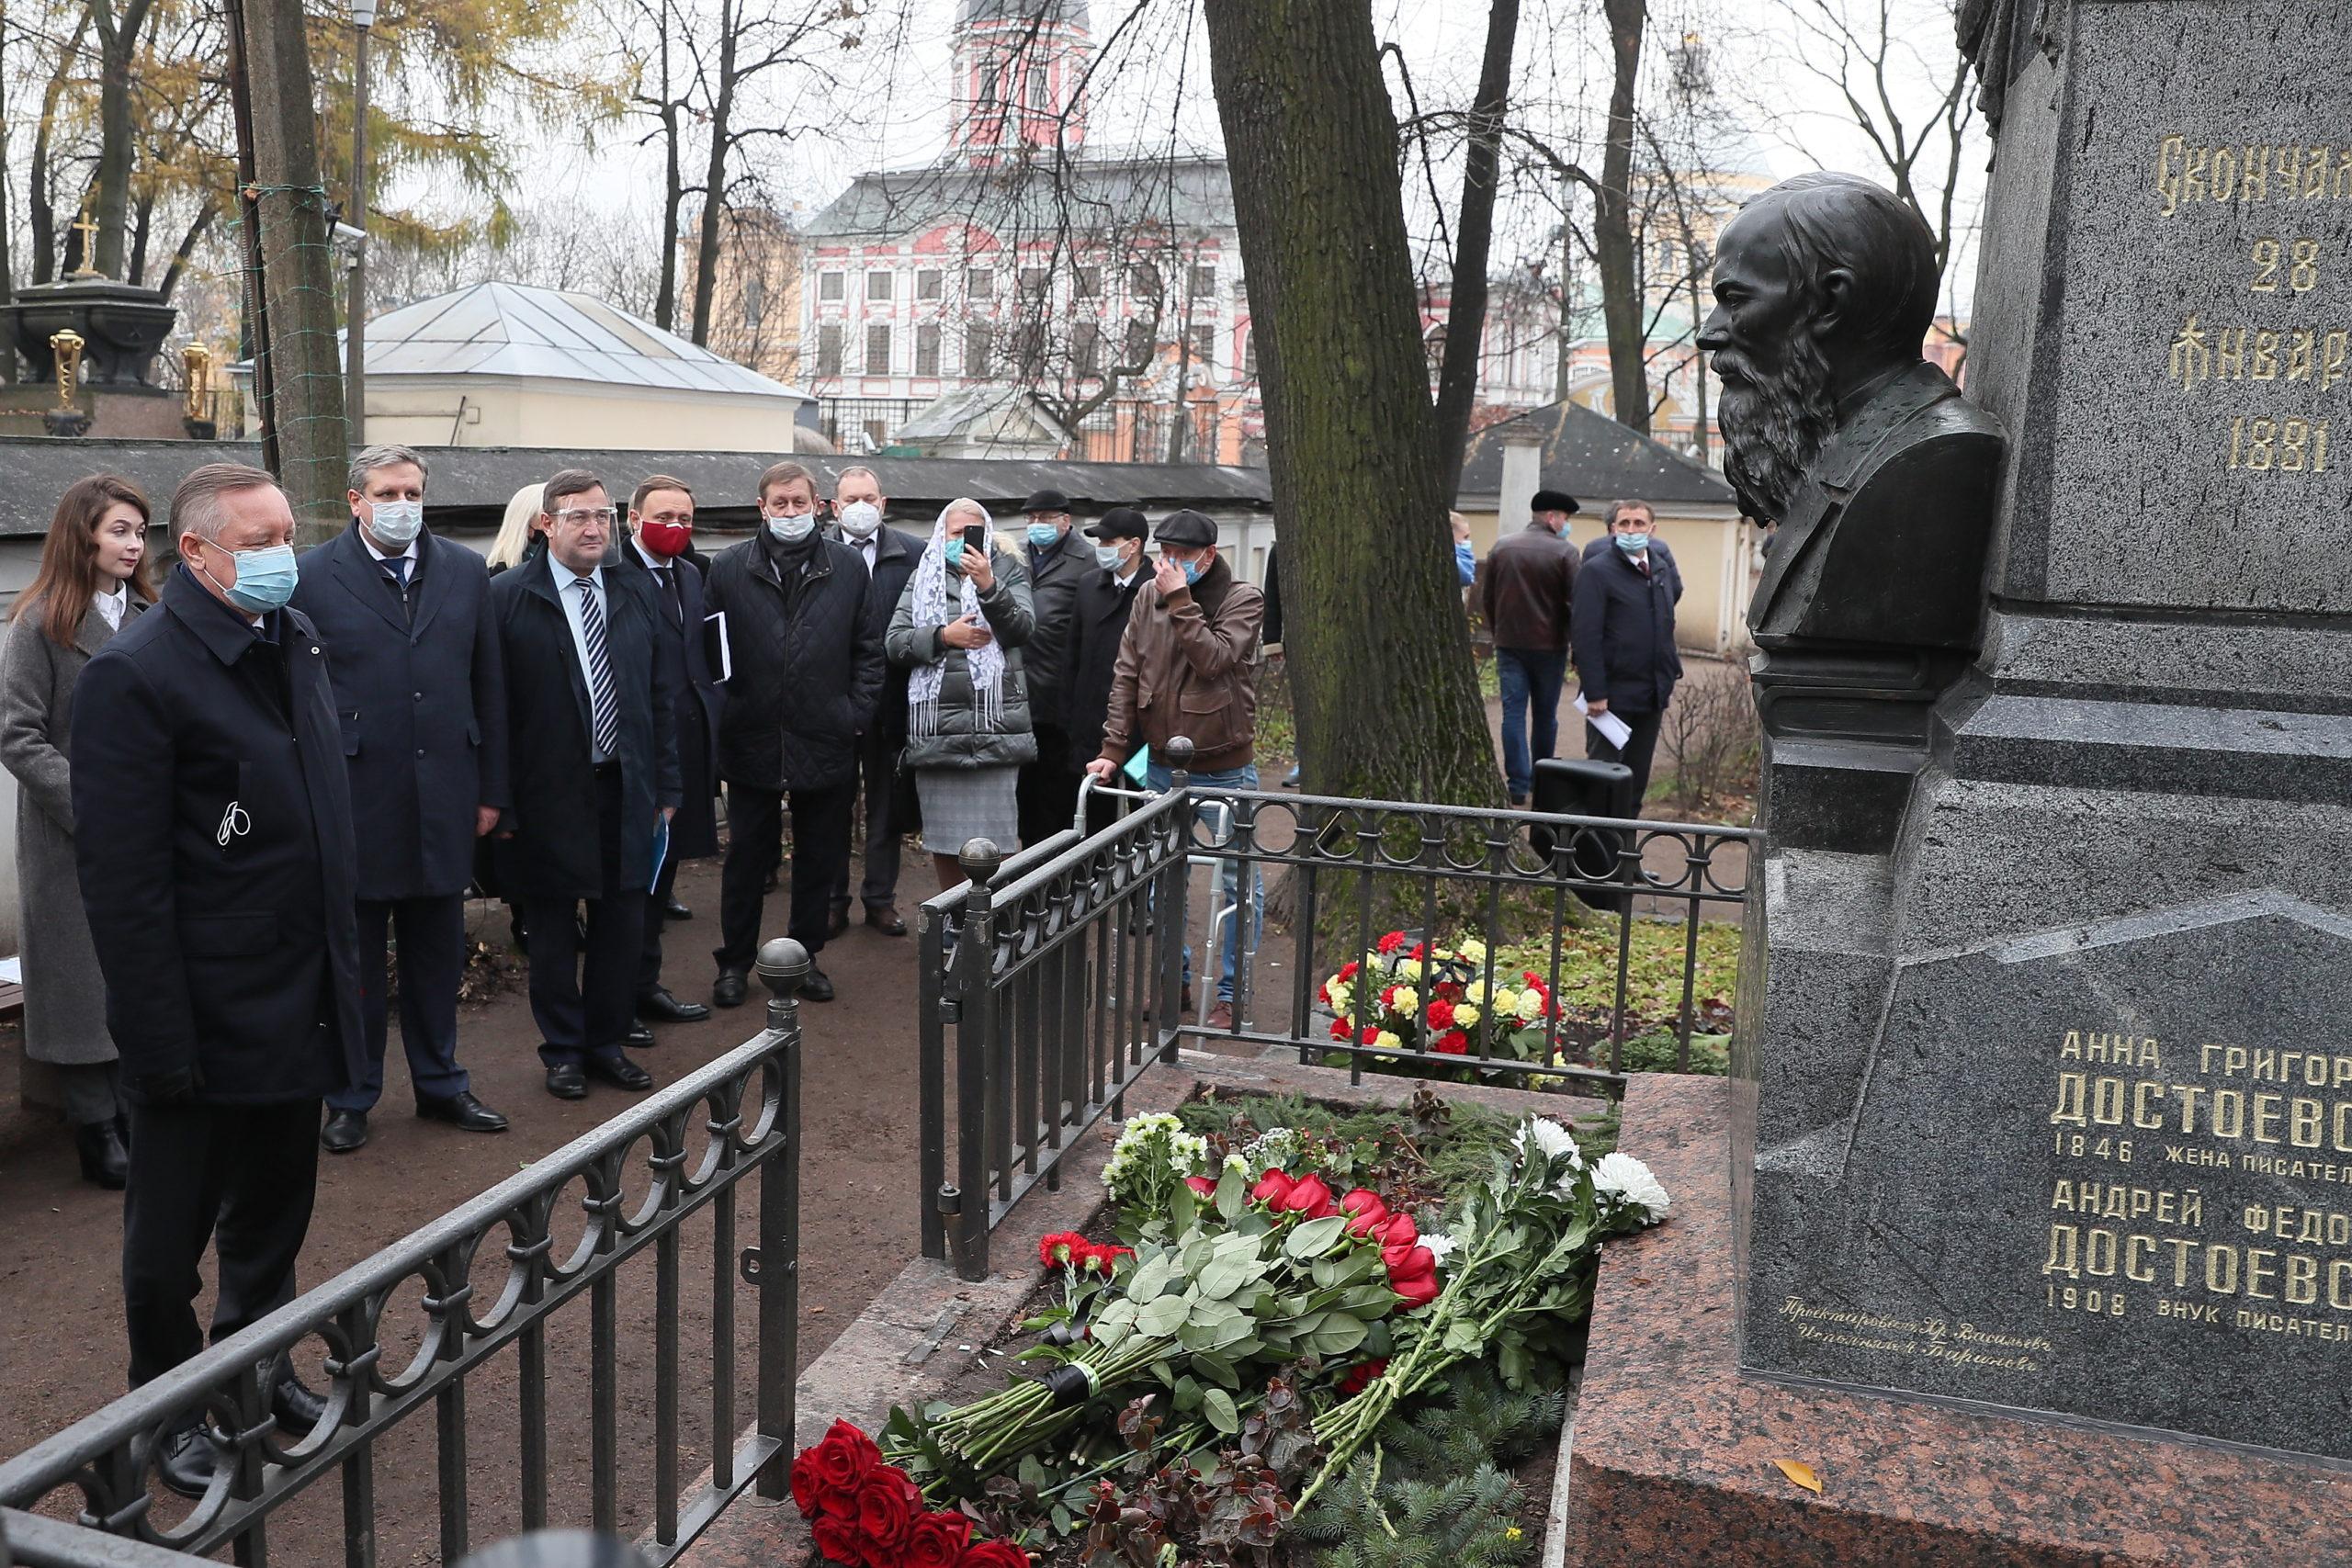 В Петербурге при поддержке фонда им. Погосяна Г.М. отреставрировали памятник Достоевскому